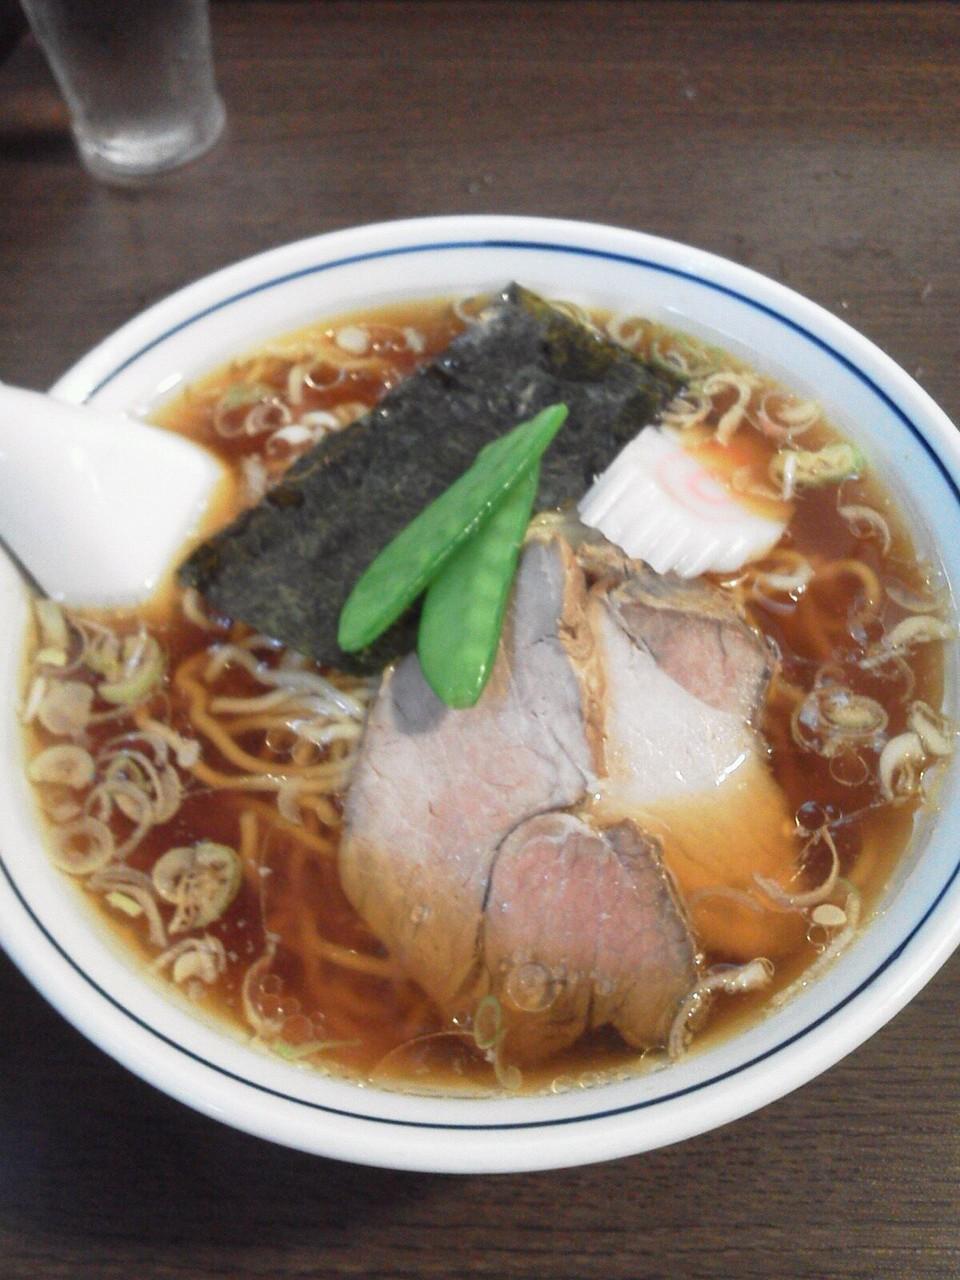 西荻窪はつねのラーメンですよぉ~! シンプルな味で、中華そばというカンジでつね。 【2011年9月21日】